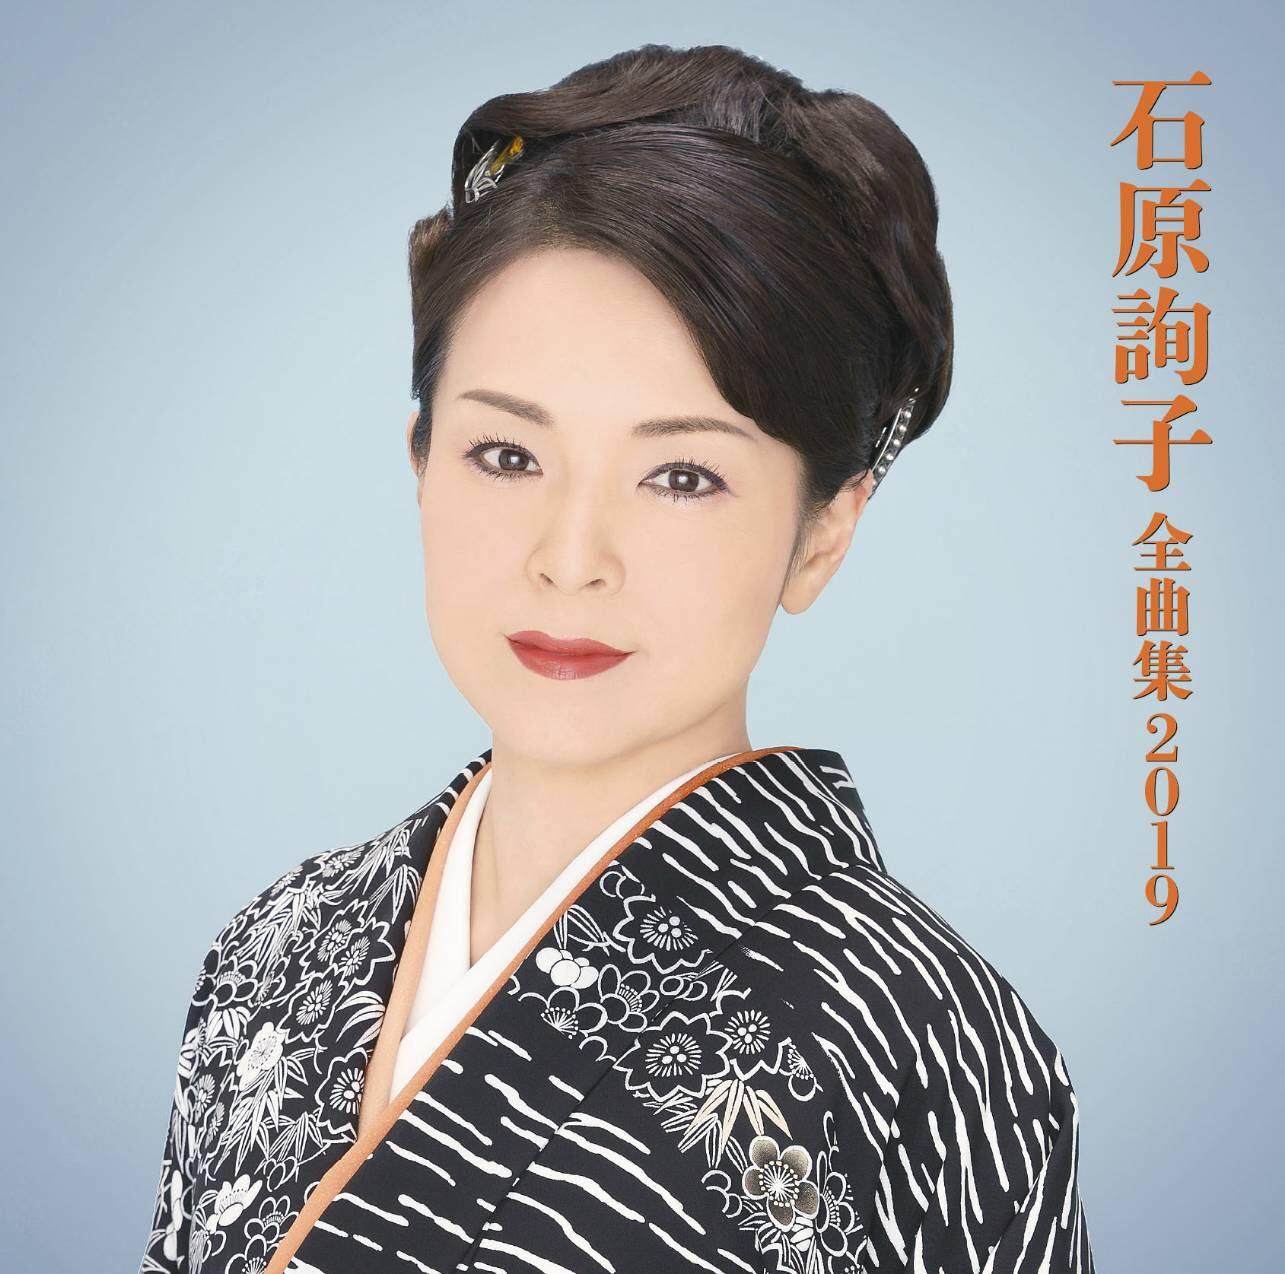 ラジオ大阪